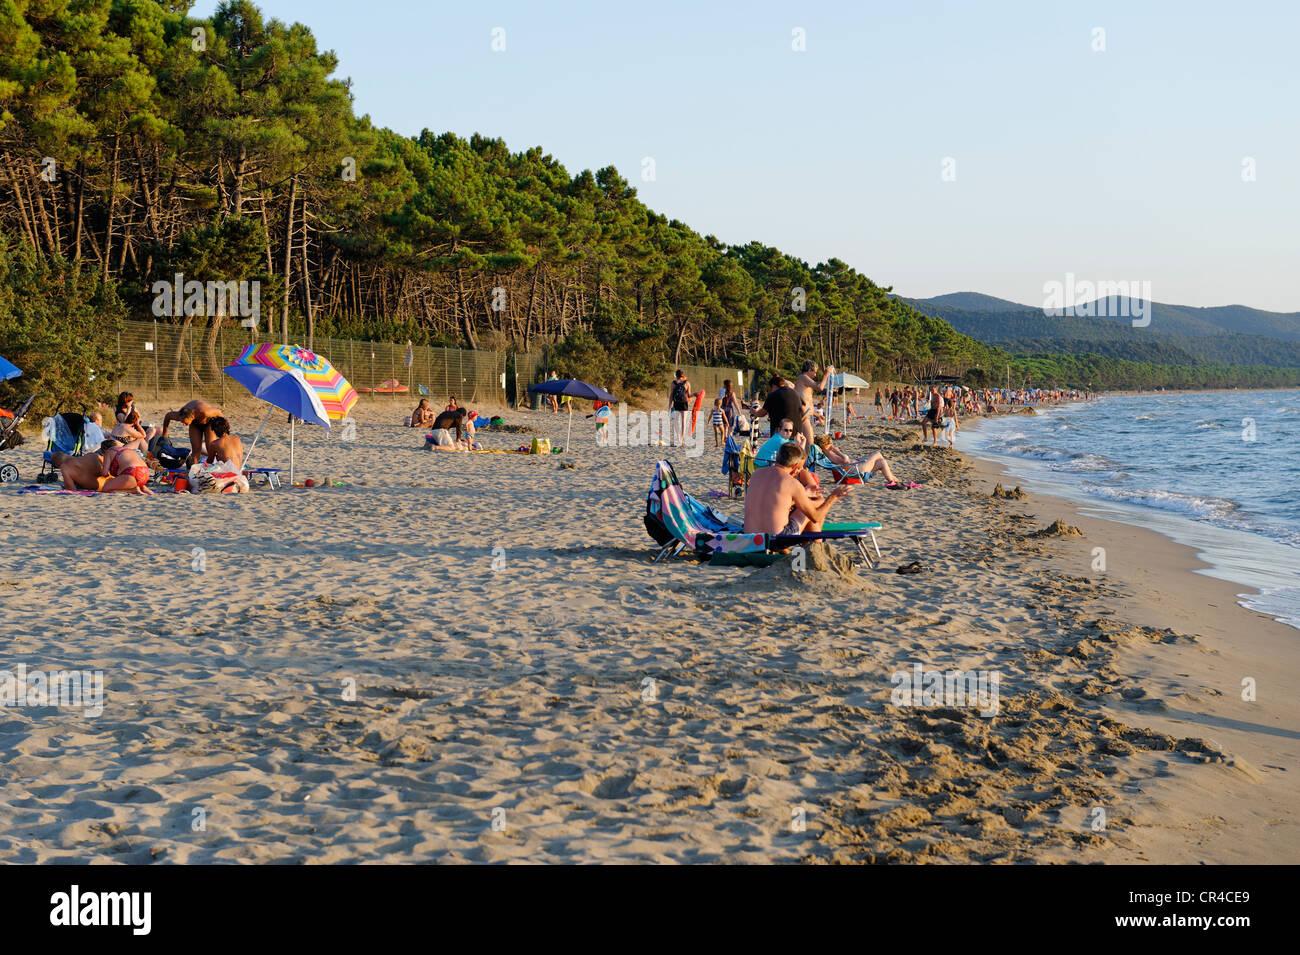 Spiaggia di Punta Ala, Mare mediterraneo, Toscana, Italia, Europa Immagini Stock